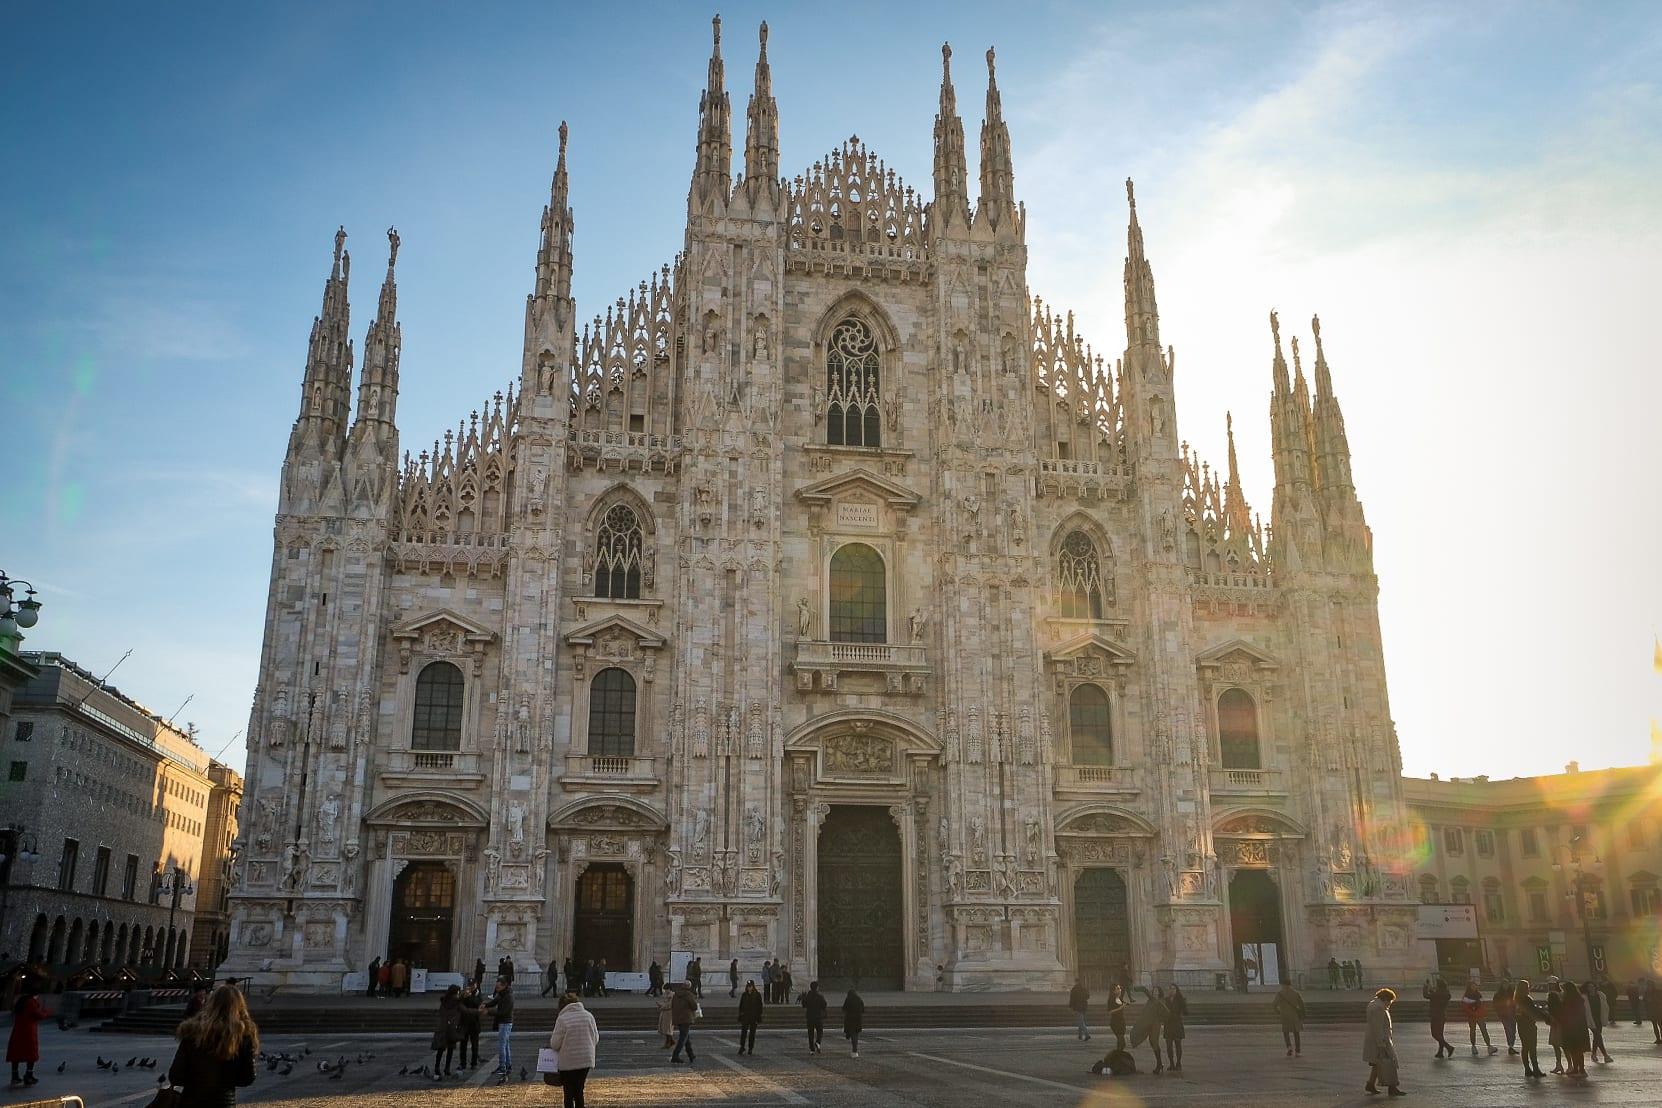 Vue sur le Duomo de Milan, capitale de la mode